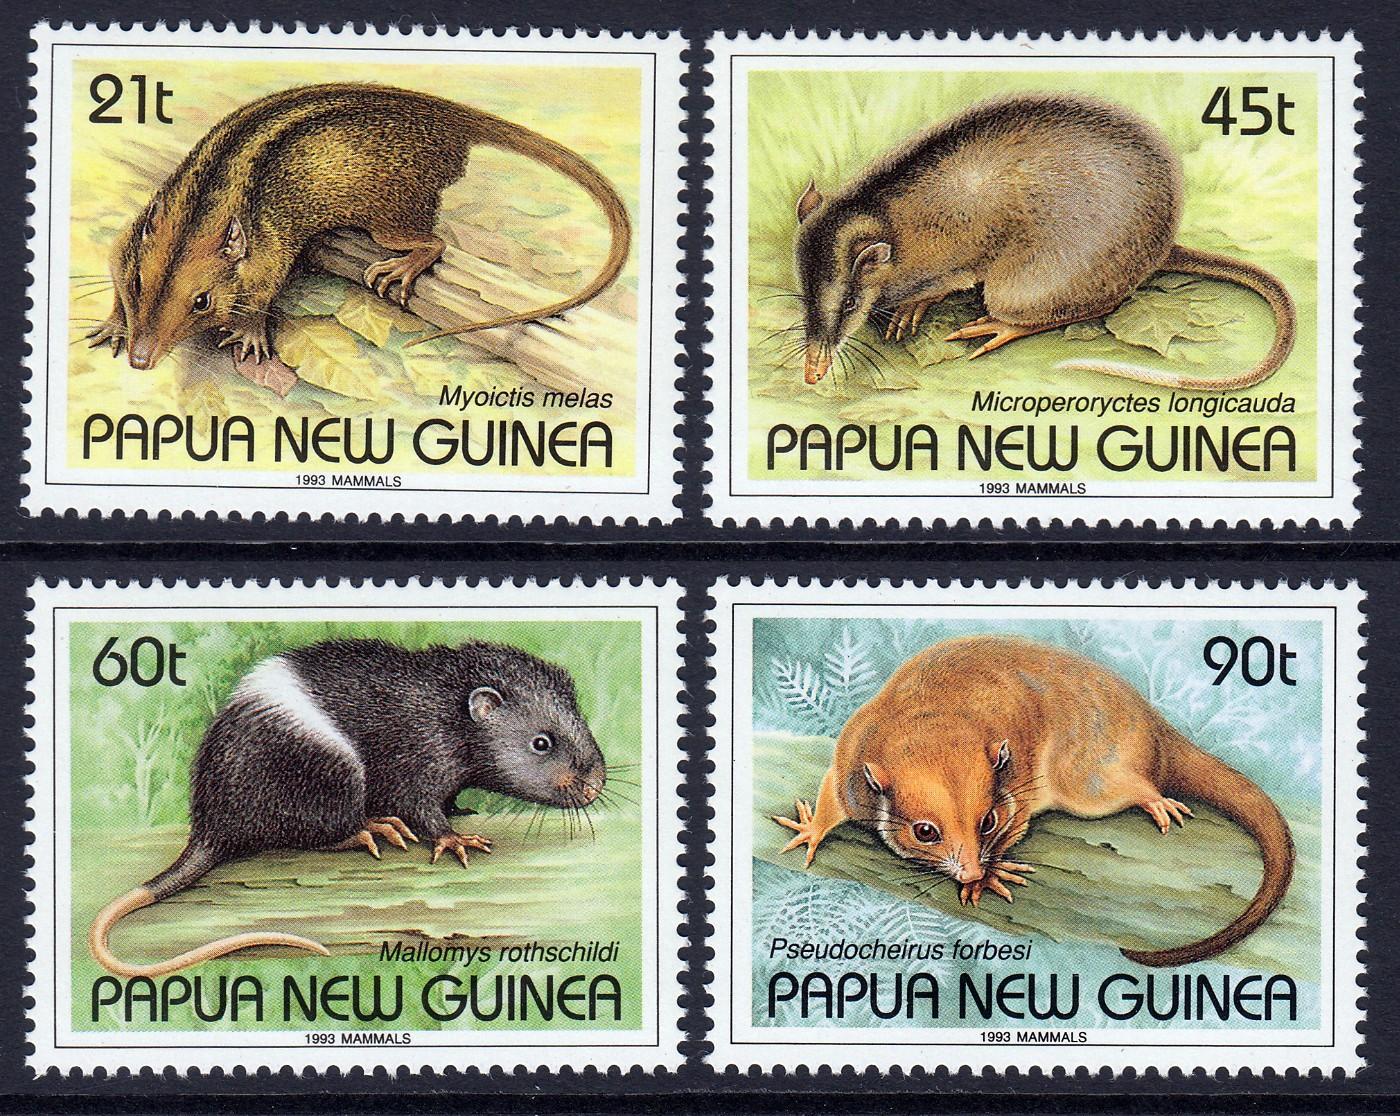 Papua New Guinea 1993 Mammals | eBay